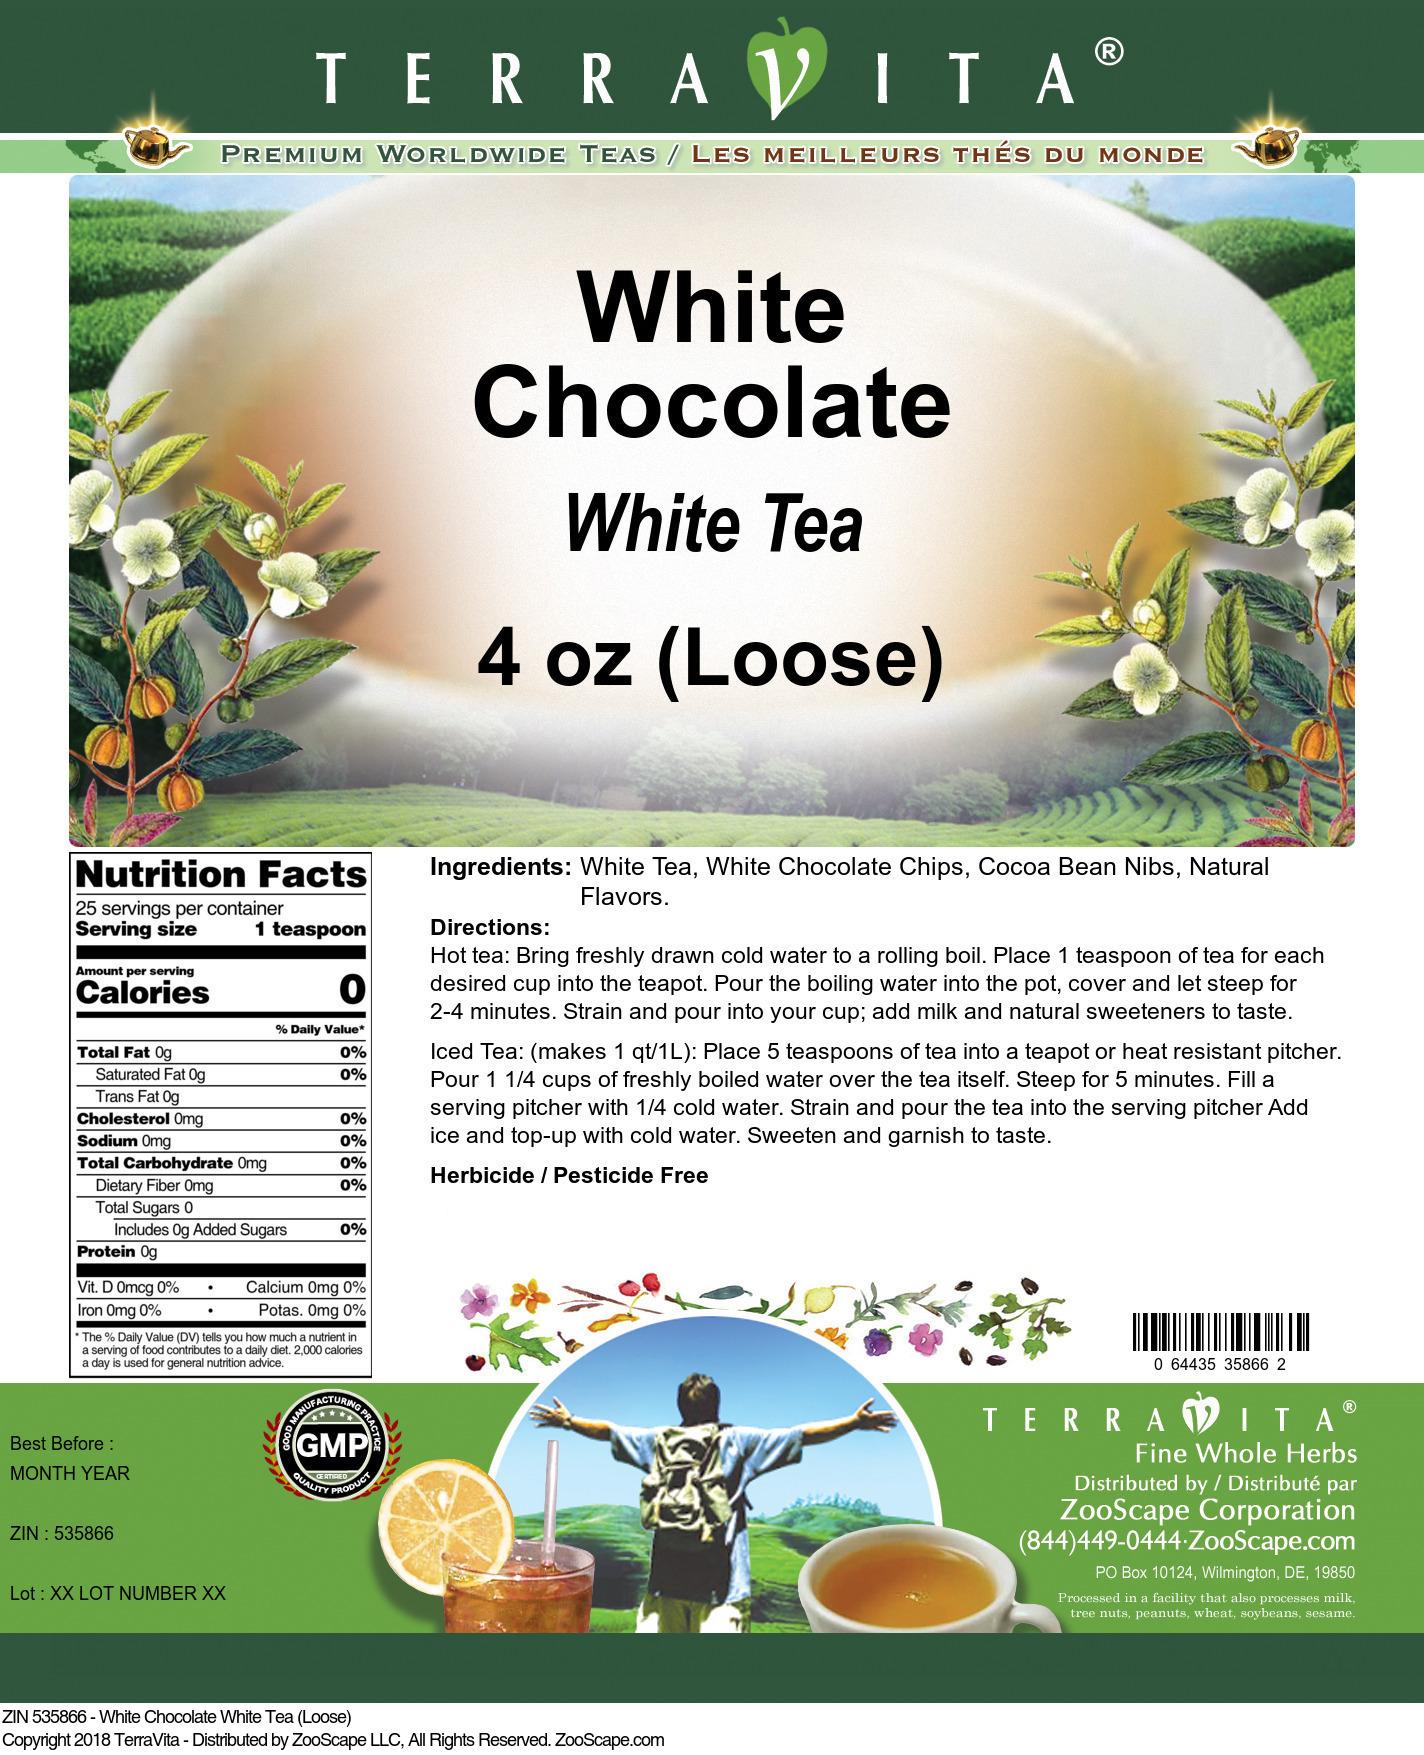 White Chocolate White Tea (Loose)